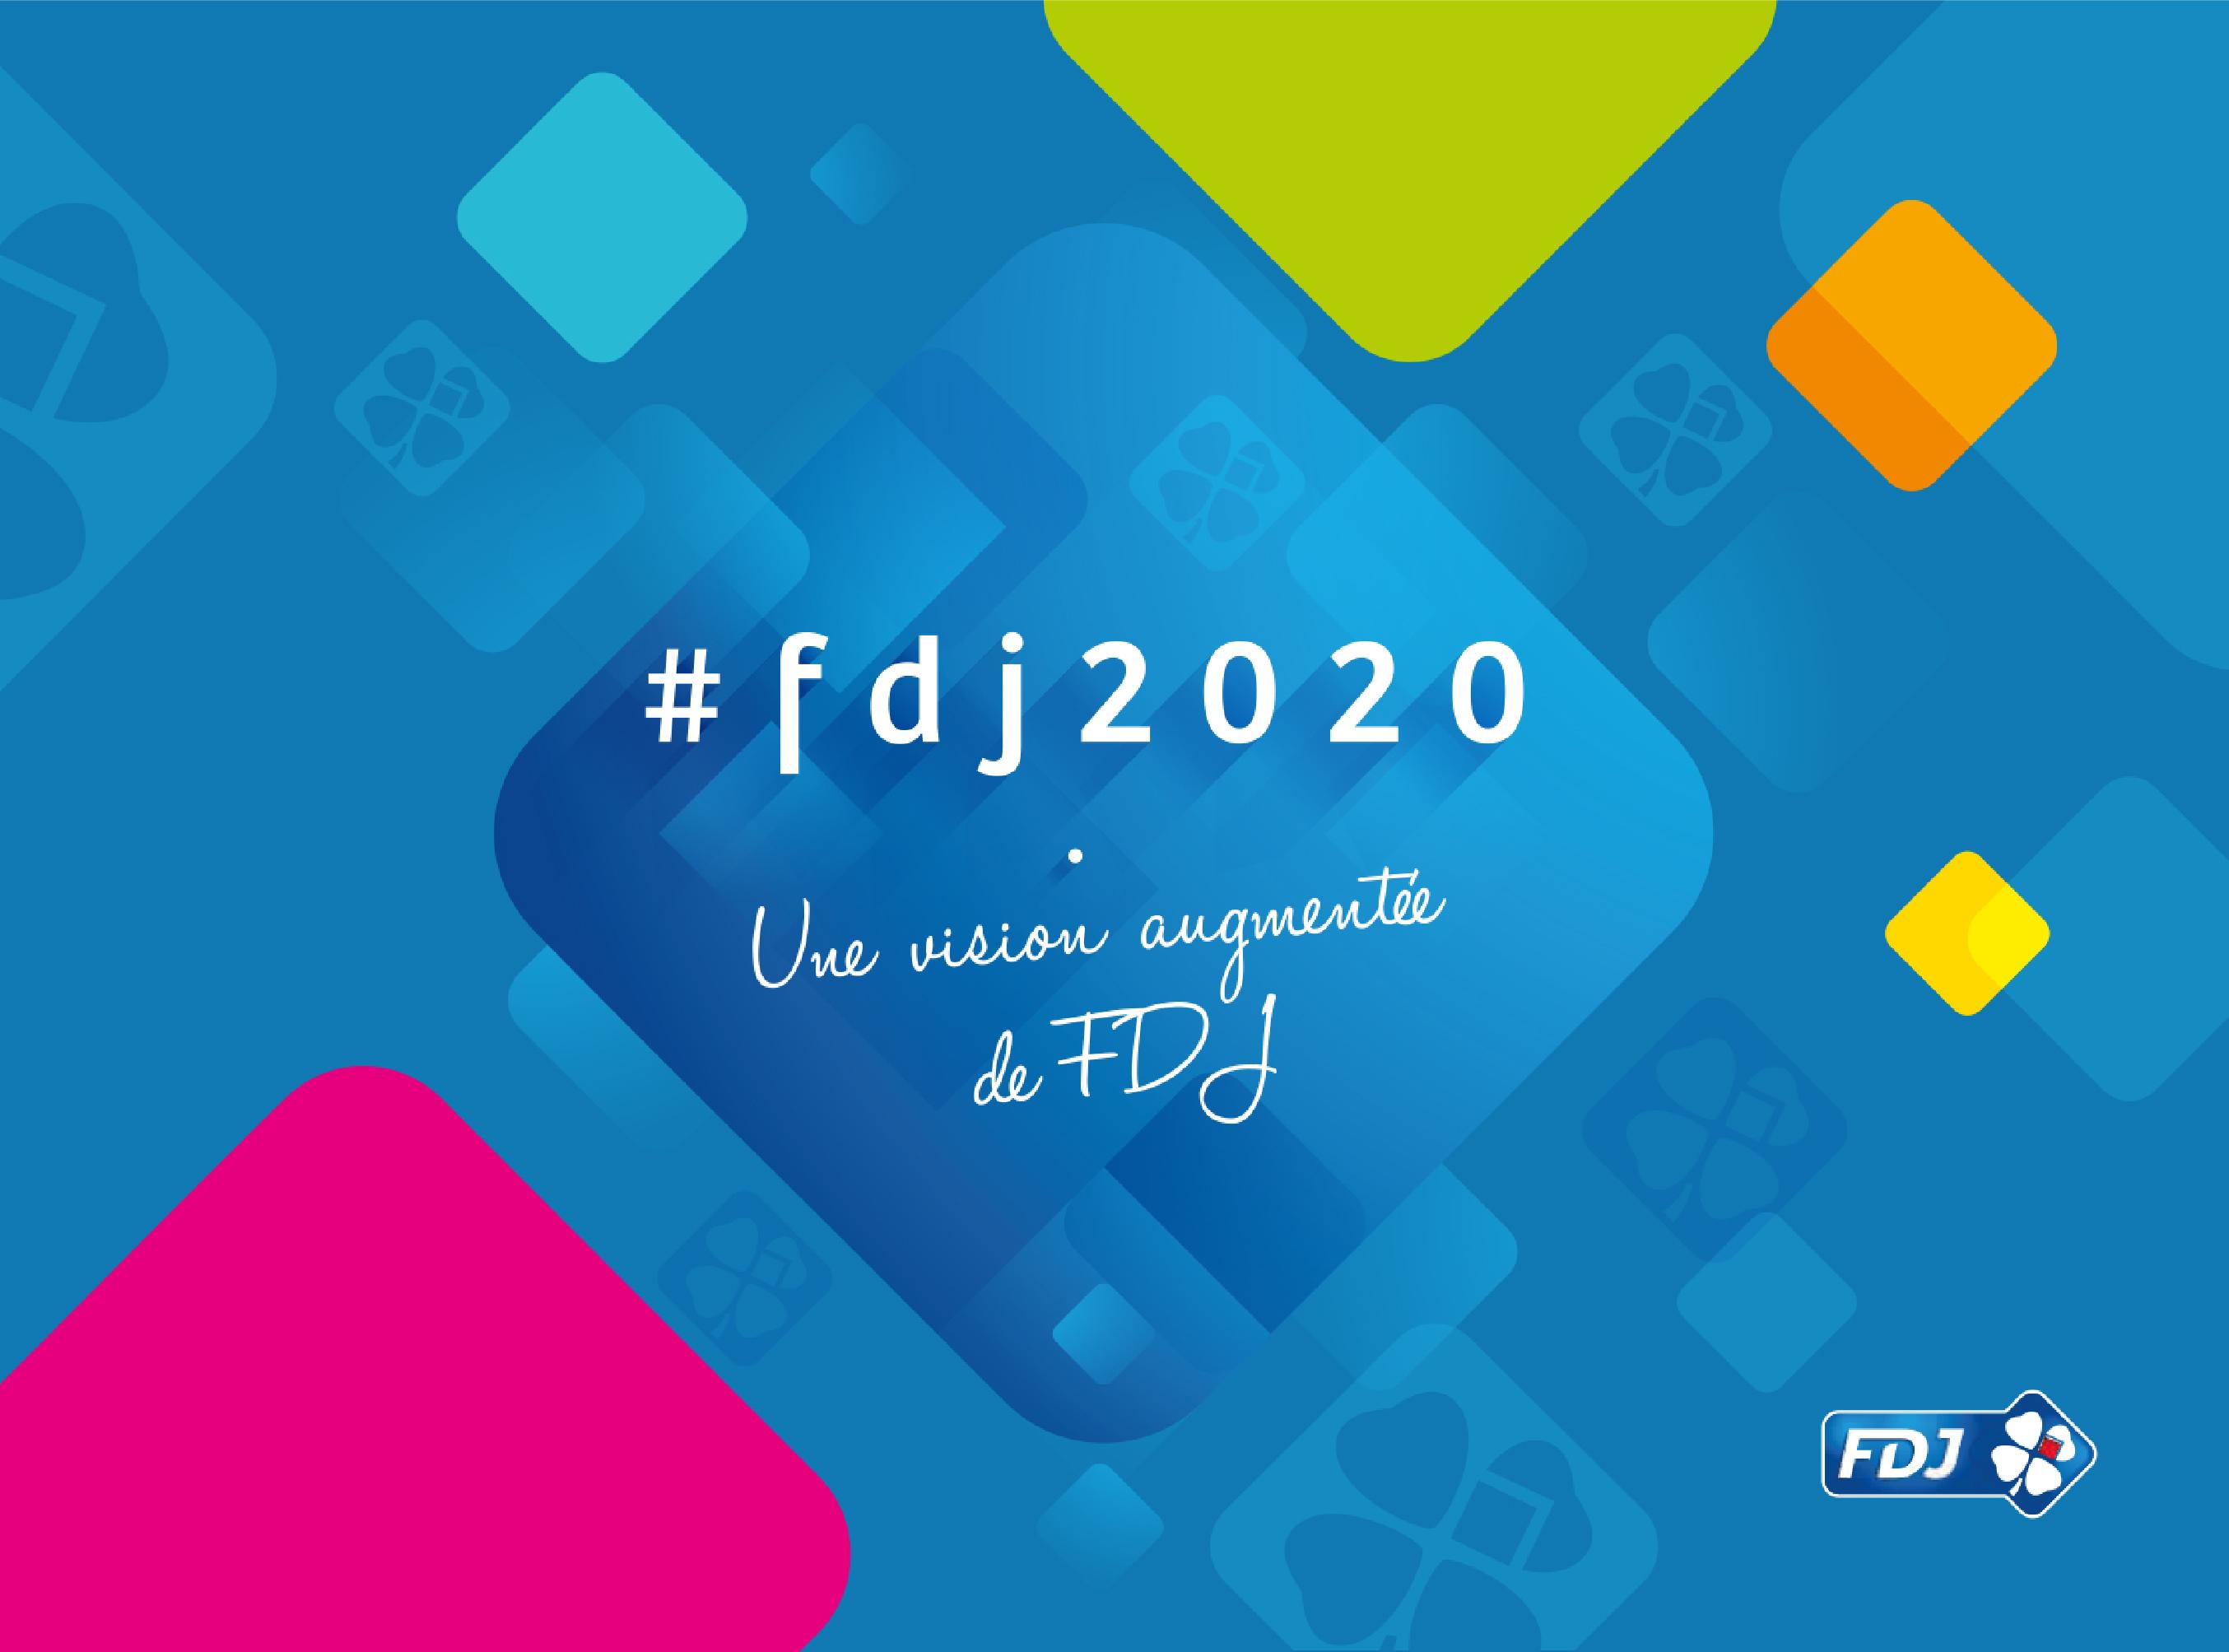 FDJ-MOCKUP-01